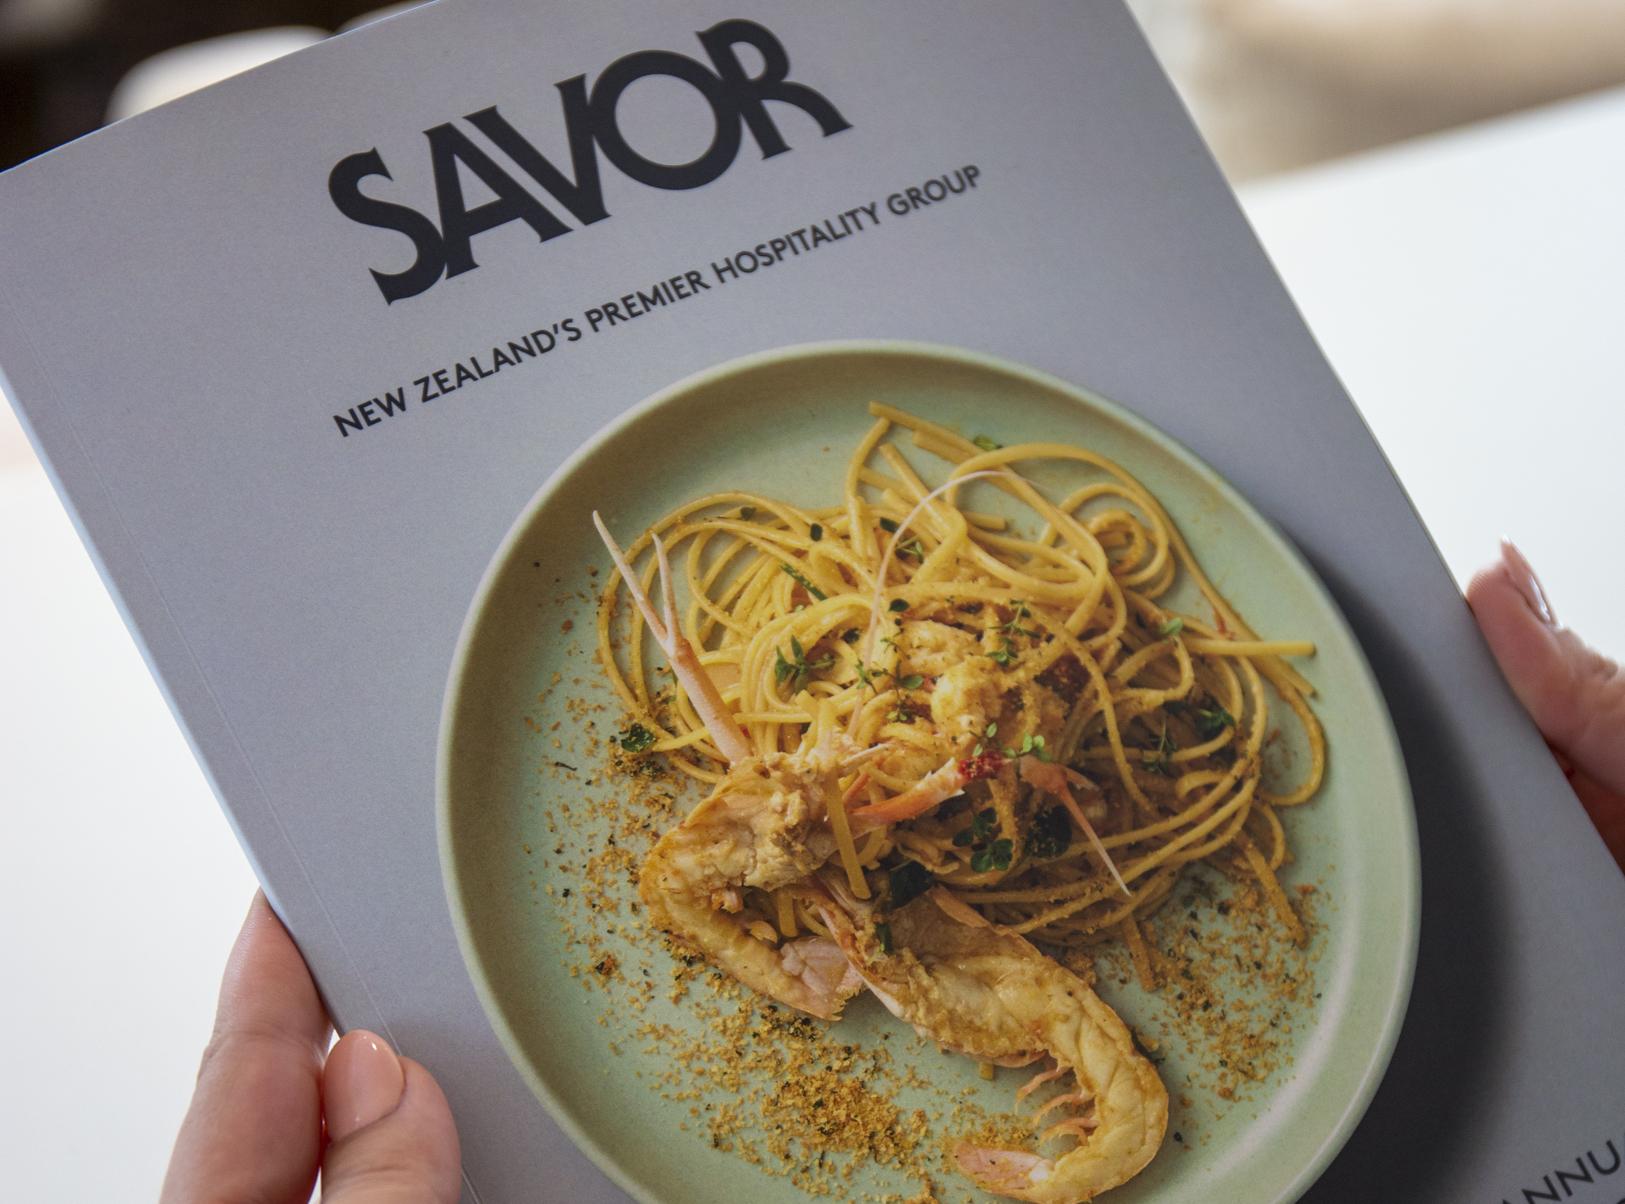 Savor Group 2021